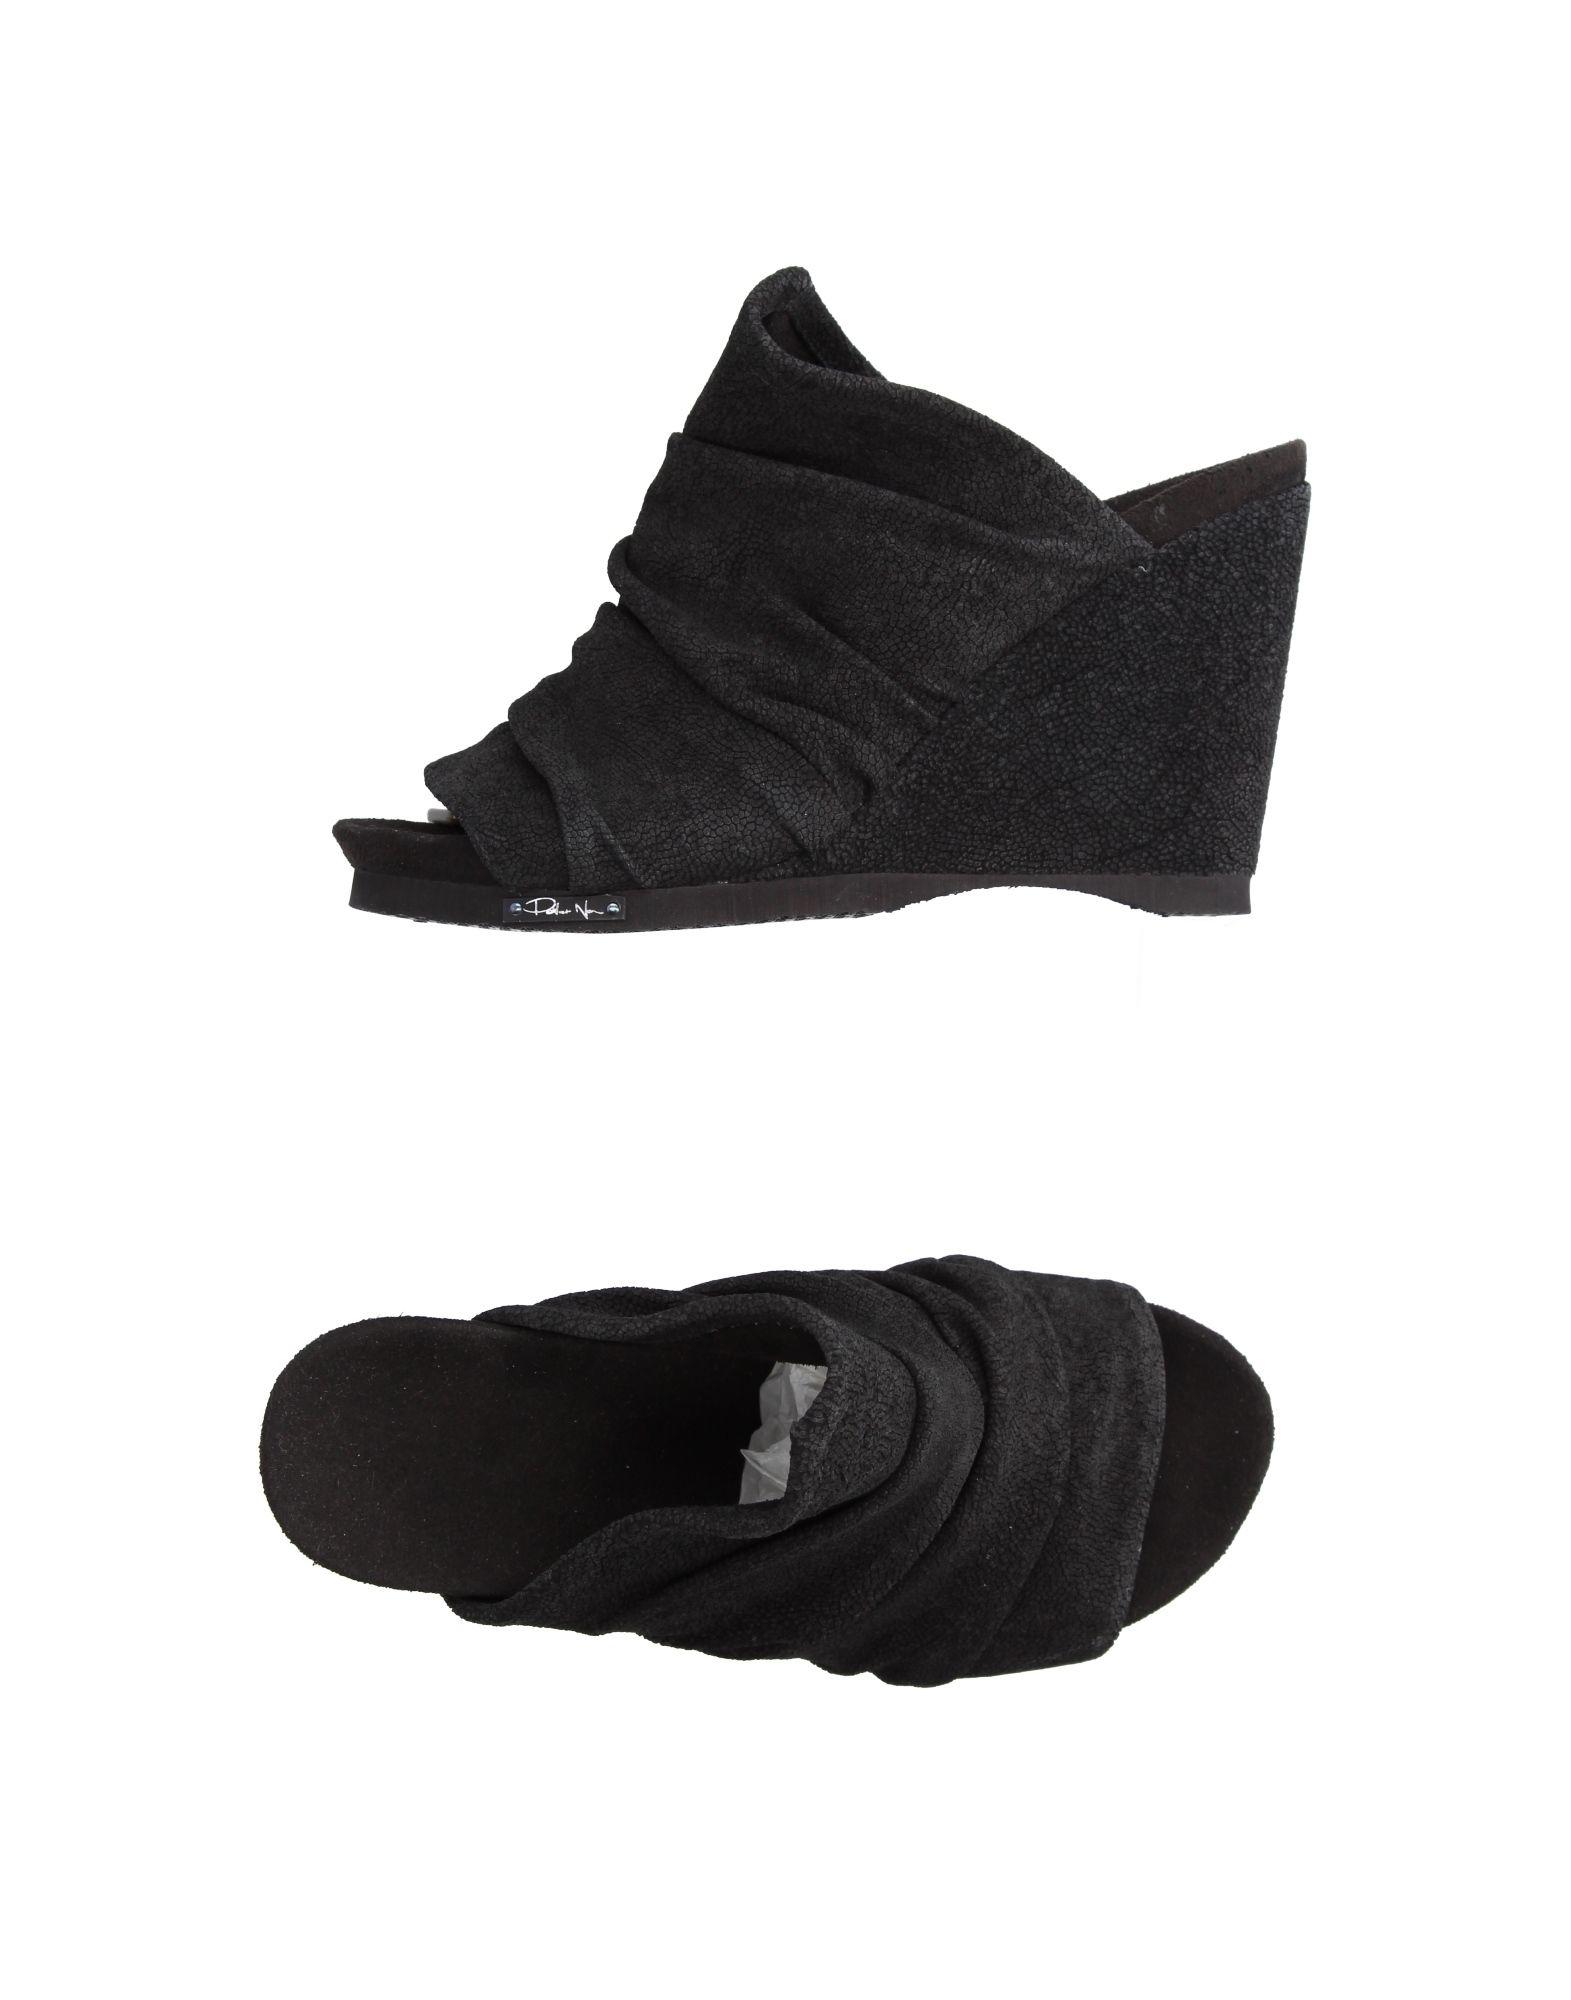 Peter Non Sandalen Damen  11205563GQ Neue Schuhe Schuhe Schuhe ebb8a3